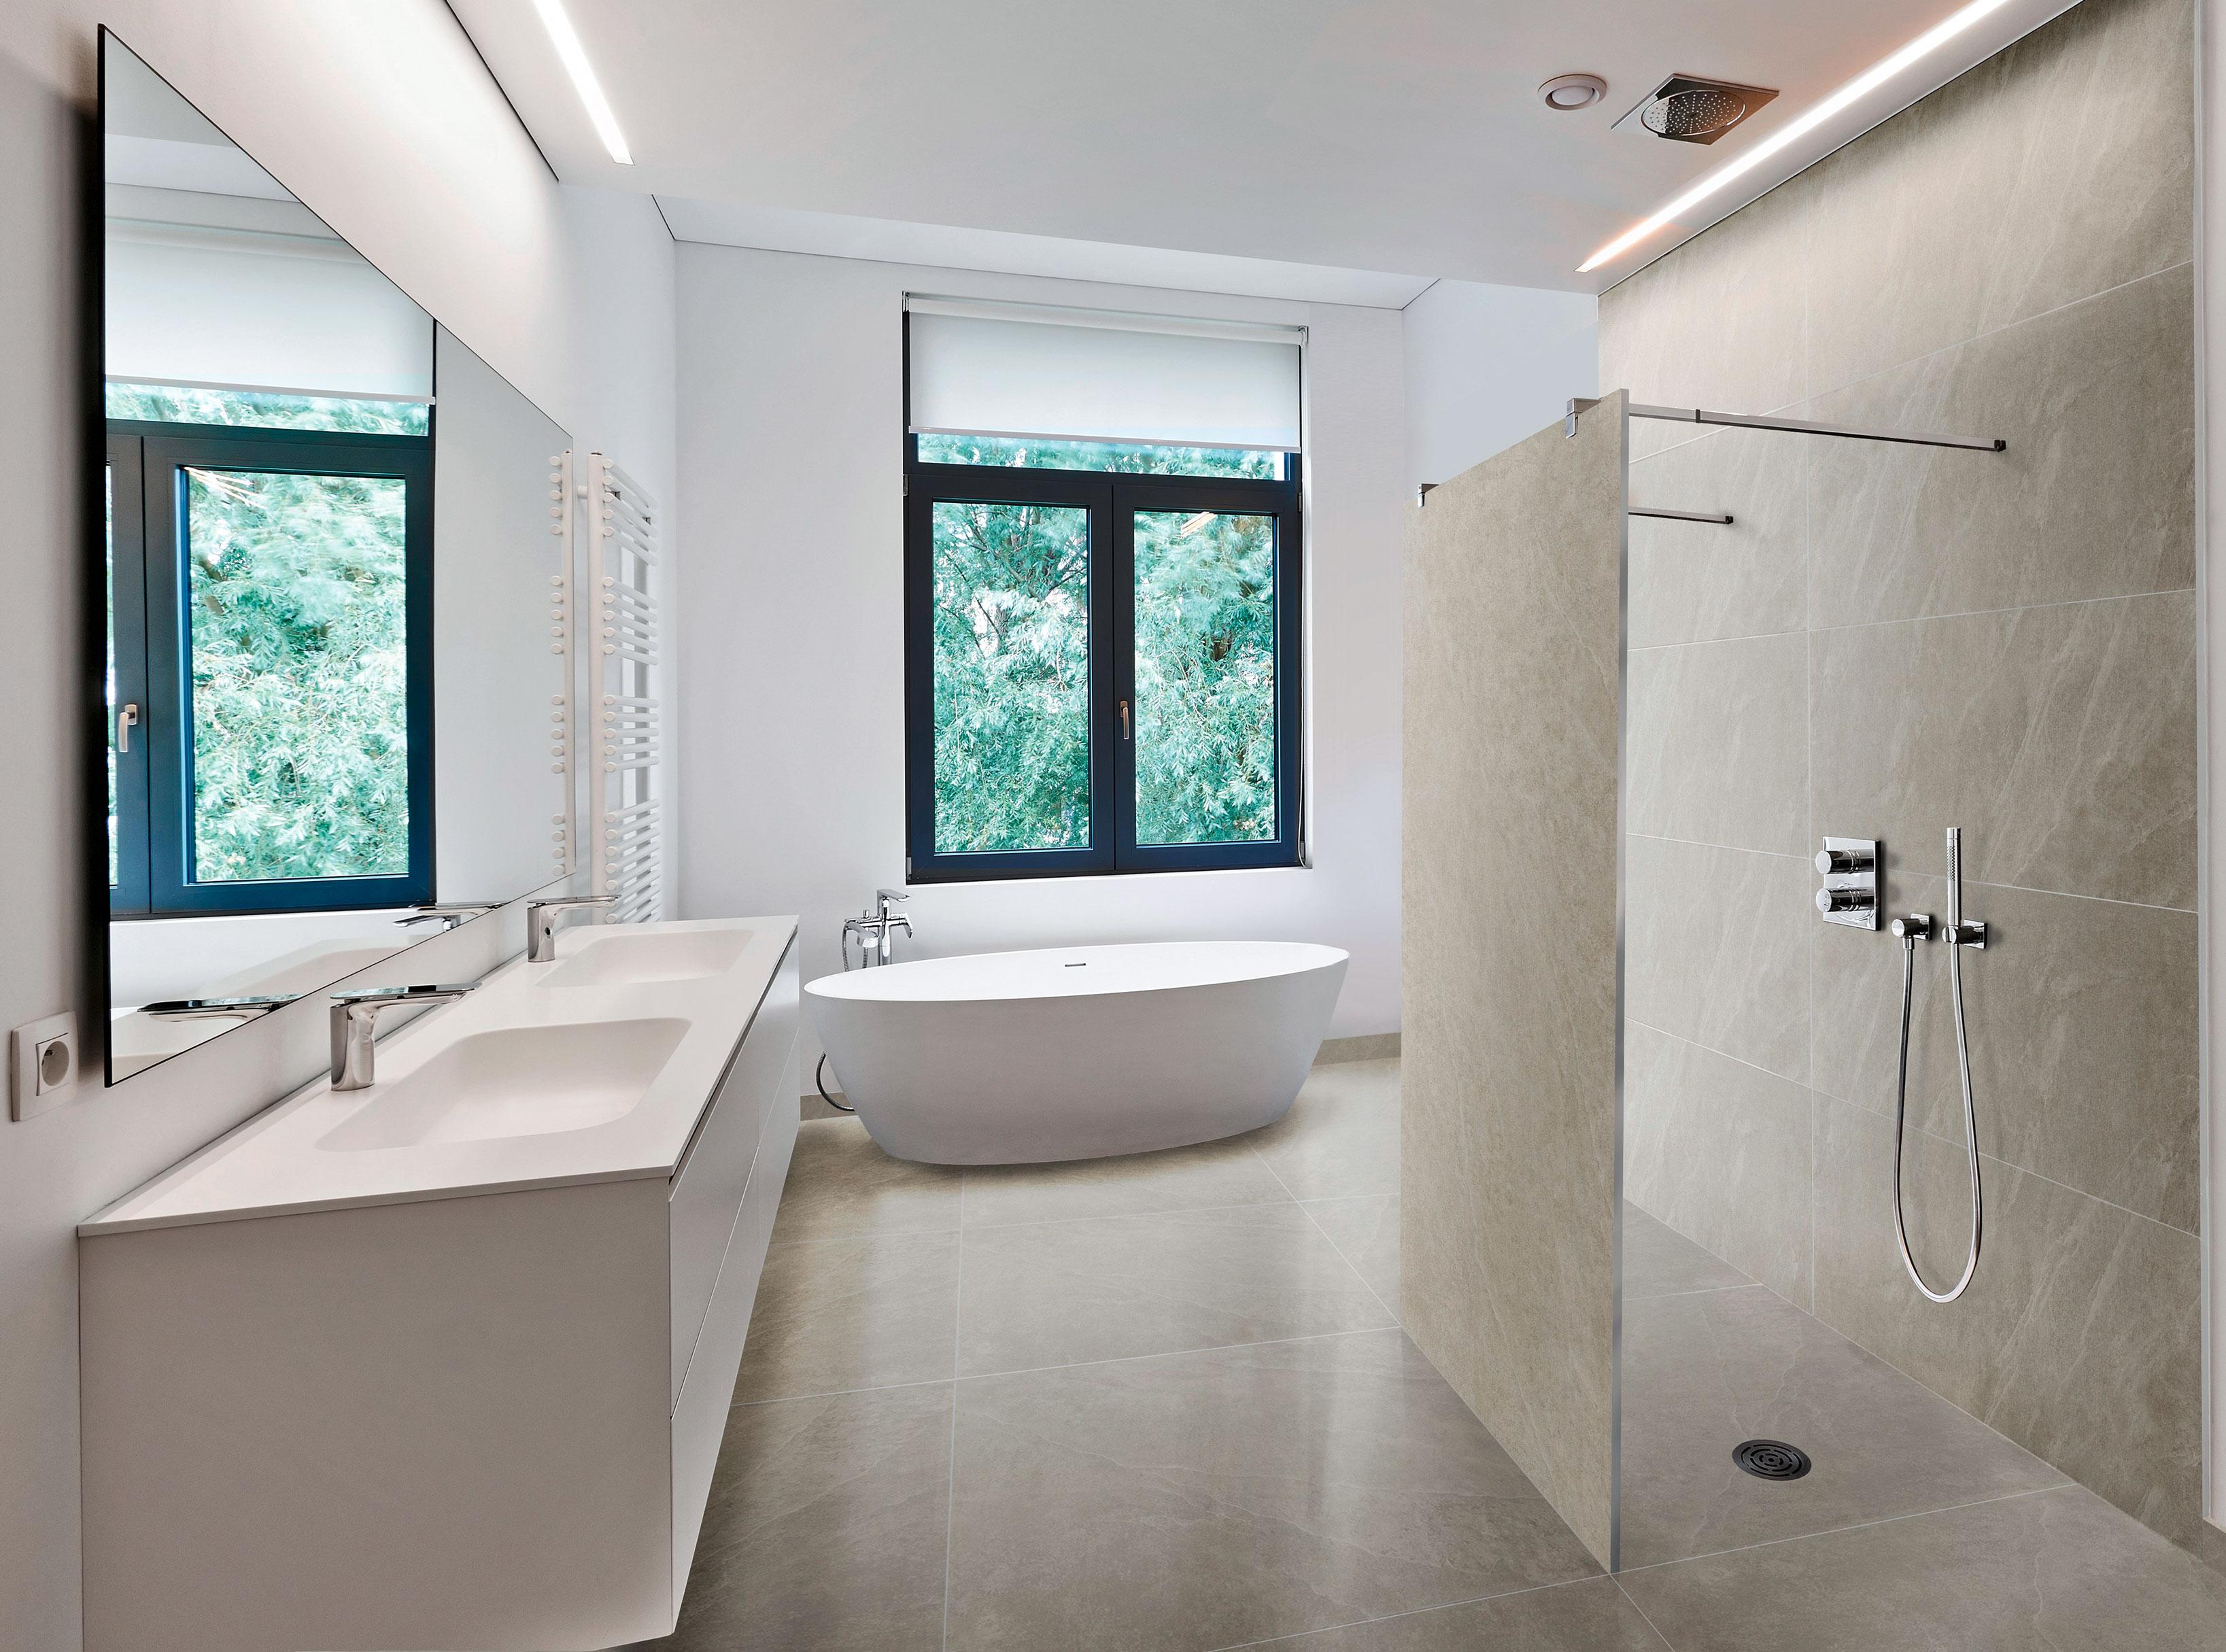 Thomas Geißler findet die neue Kerbon Duschwand klasse. Er kann sie in verschiedenen Farben und passend zum Wandbelag einbauen. Foto: Steuler-Fliesen